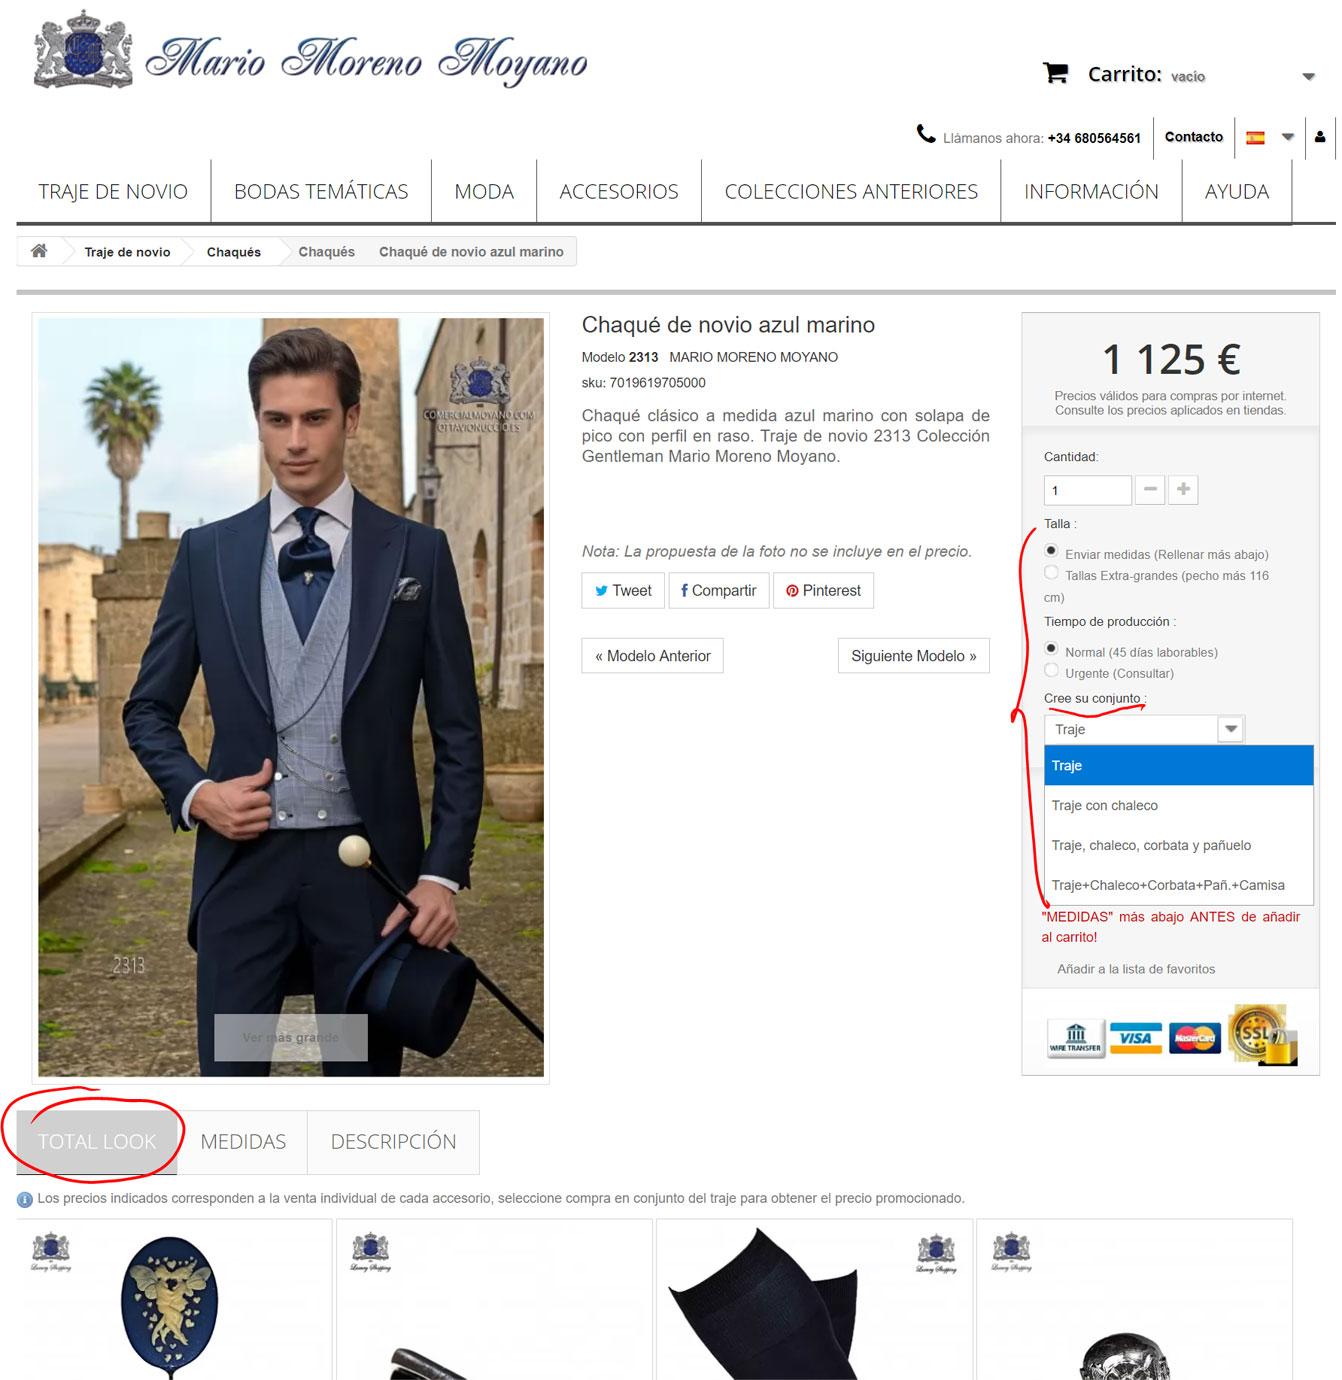 Ayuda en la compra del total look